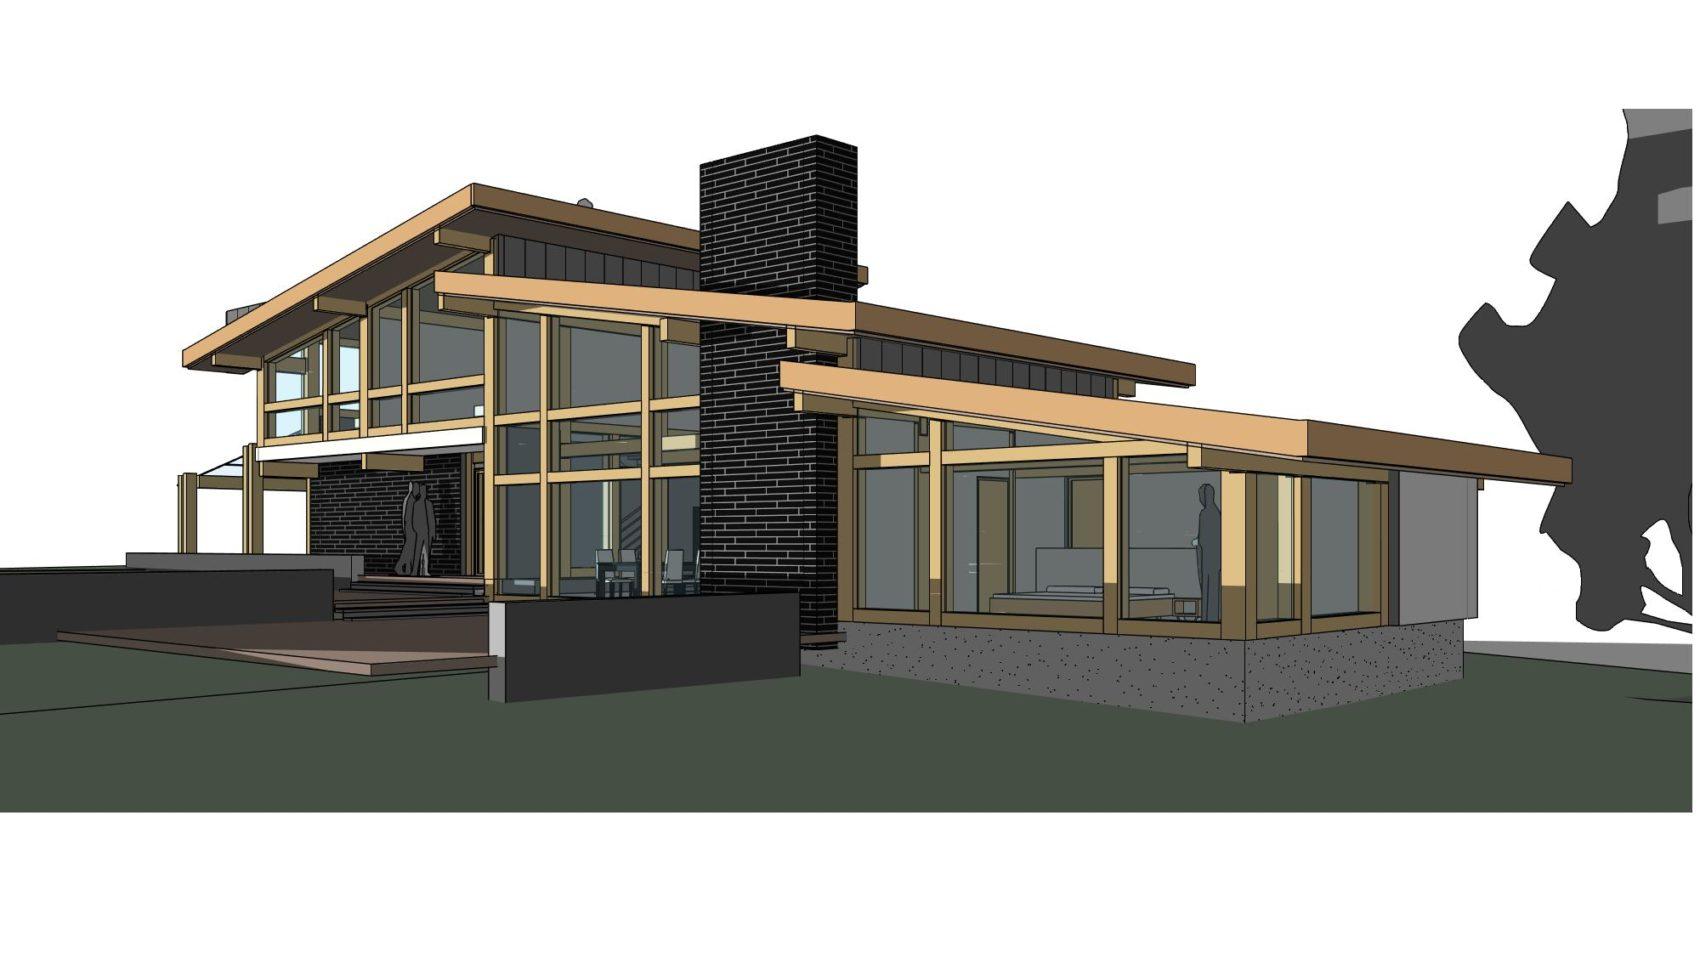 комбинированный фахверковый дом